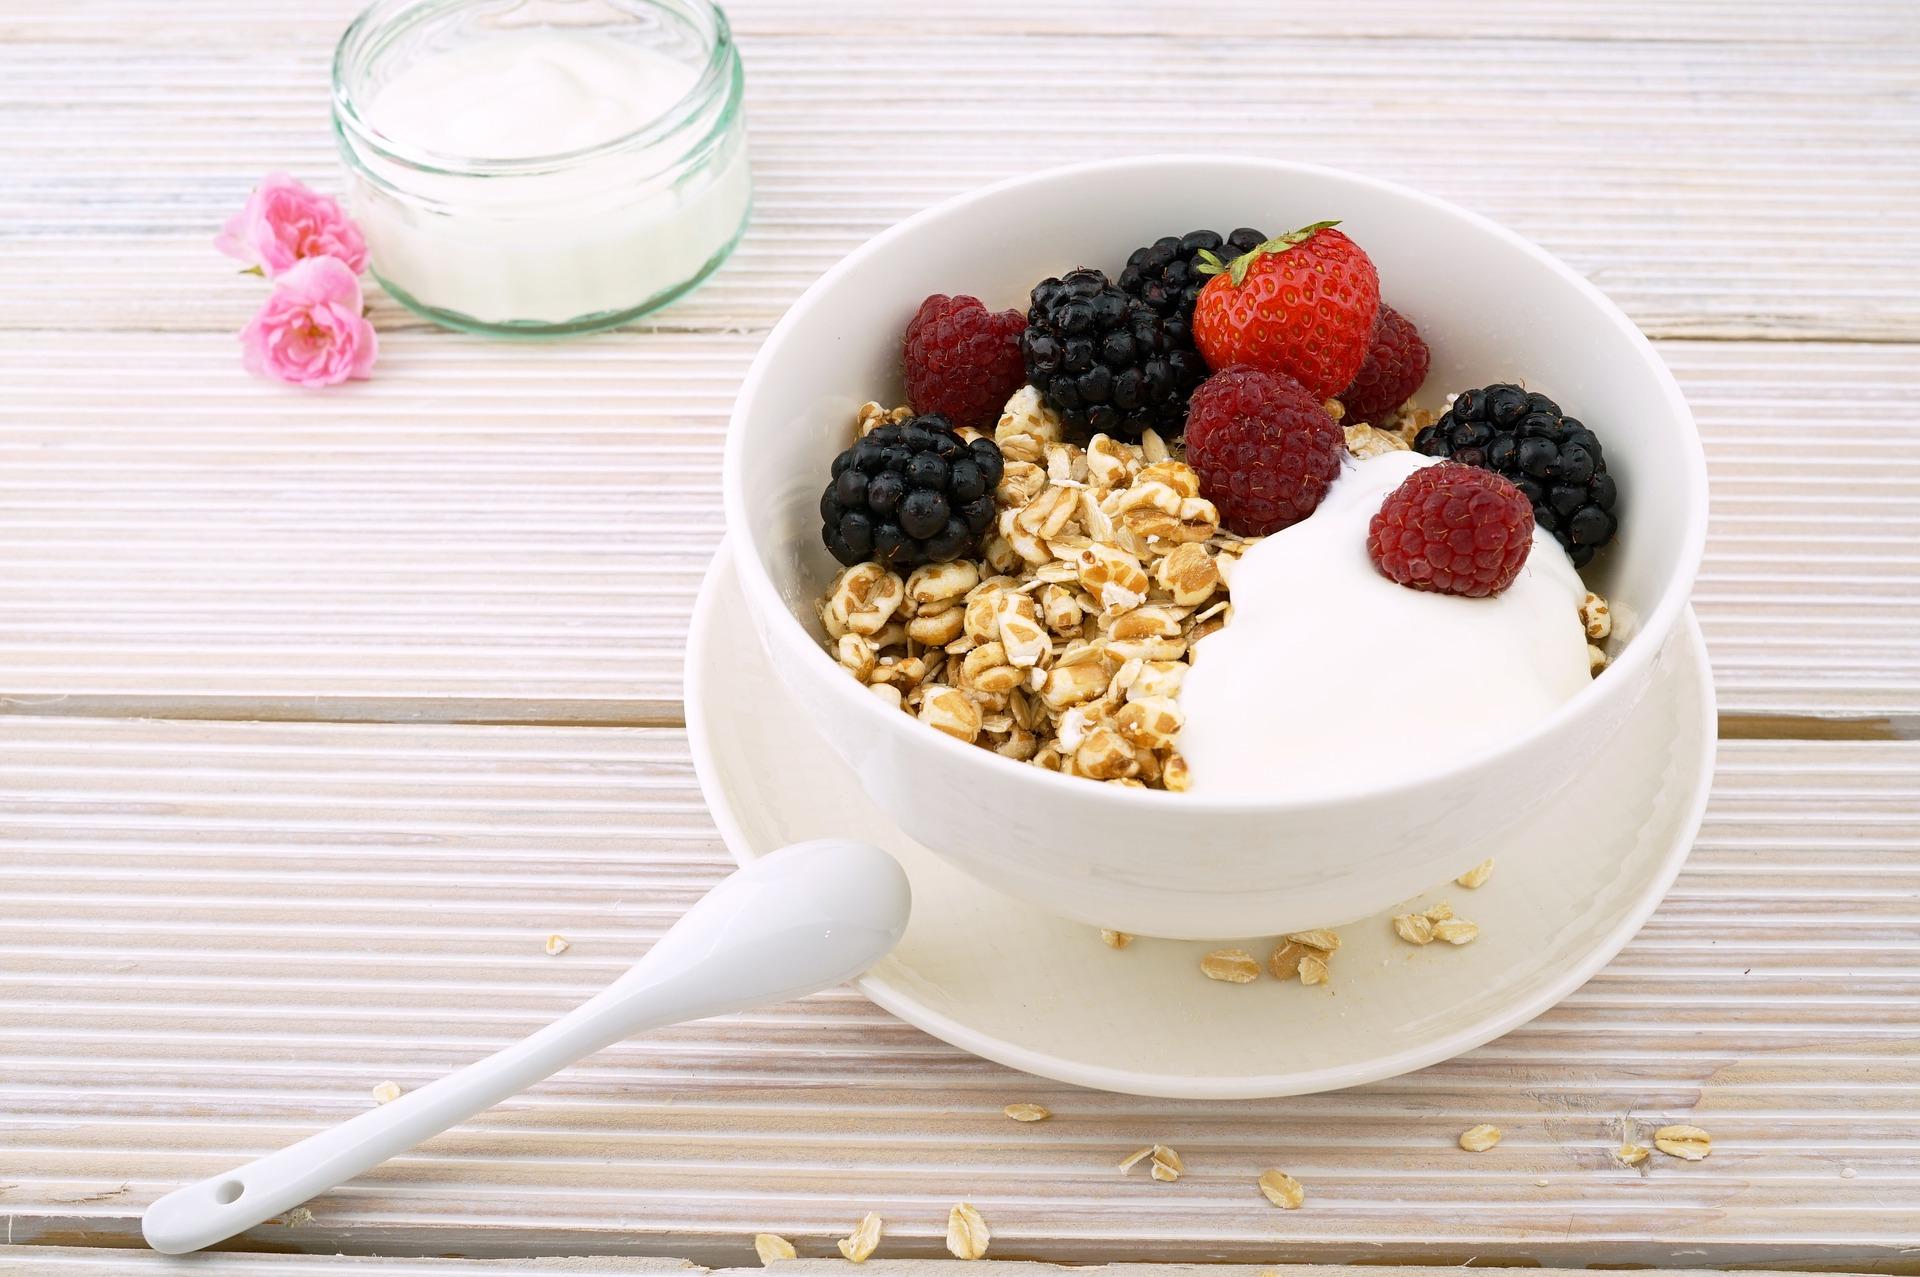 Błonnik pokarmowy – strażnik zdrowia i smukłej sylwetki